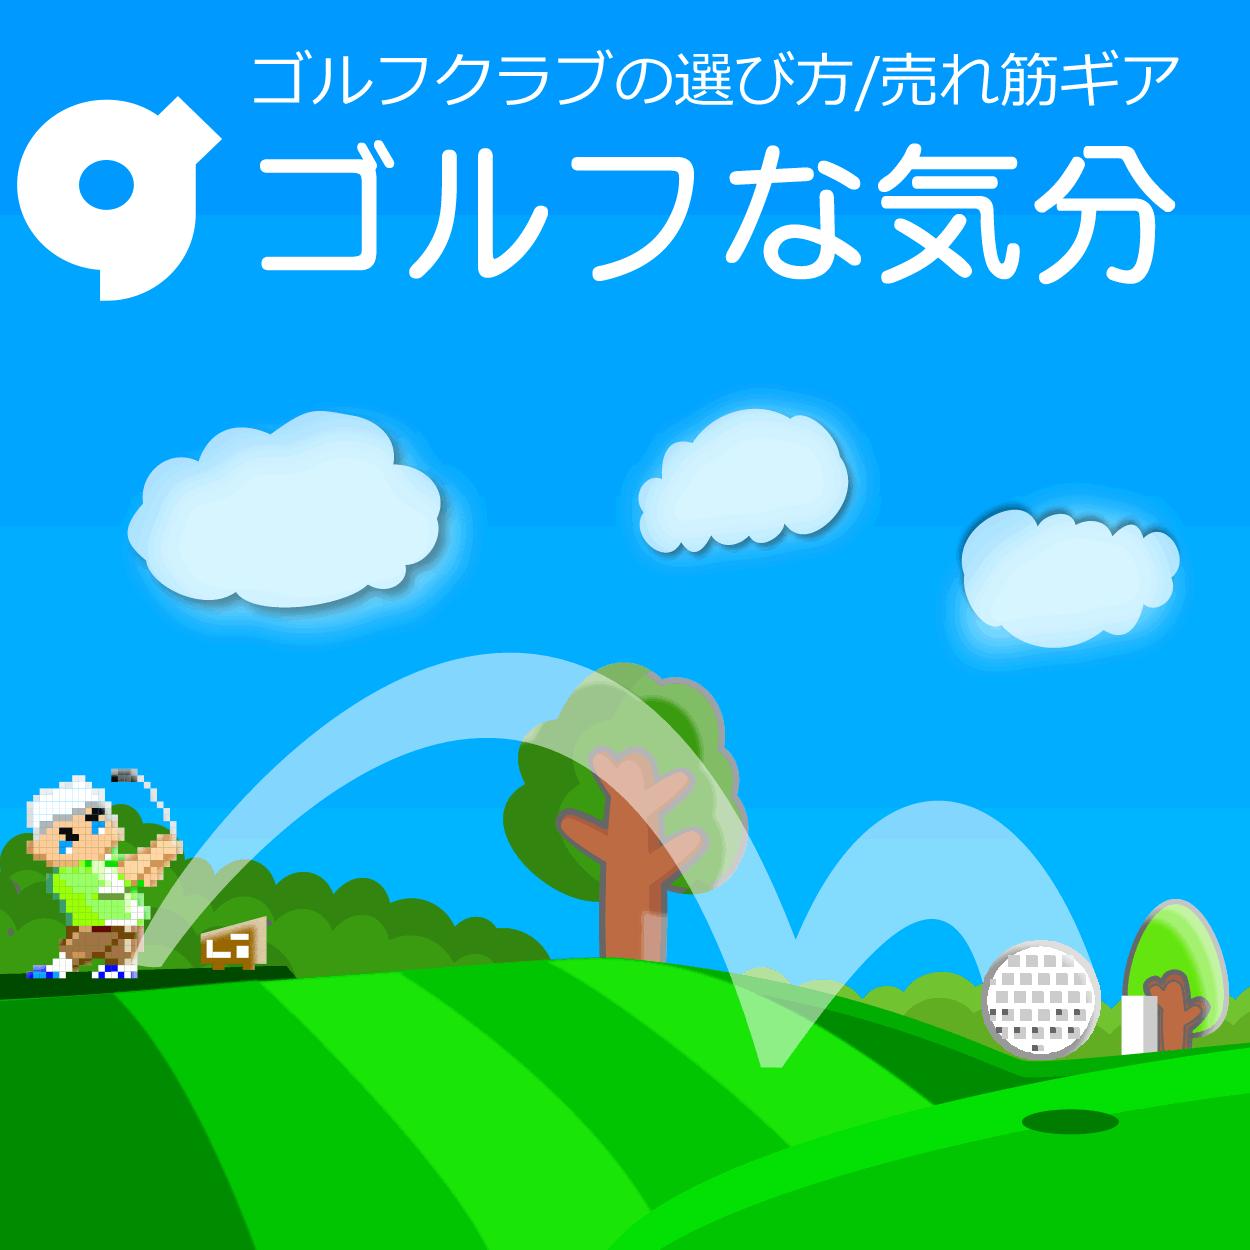 +72ゴルフレッスン